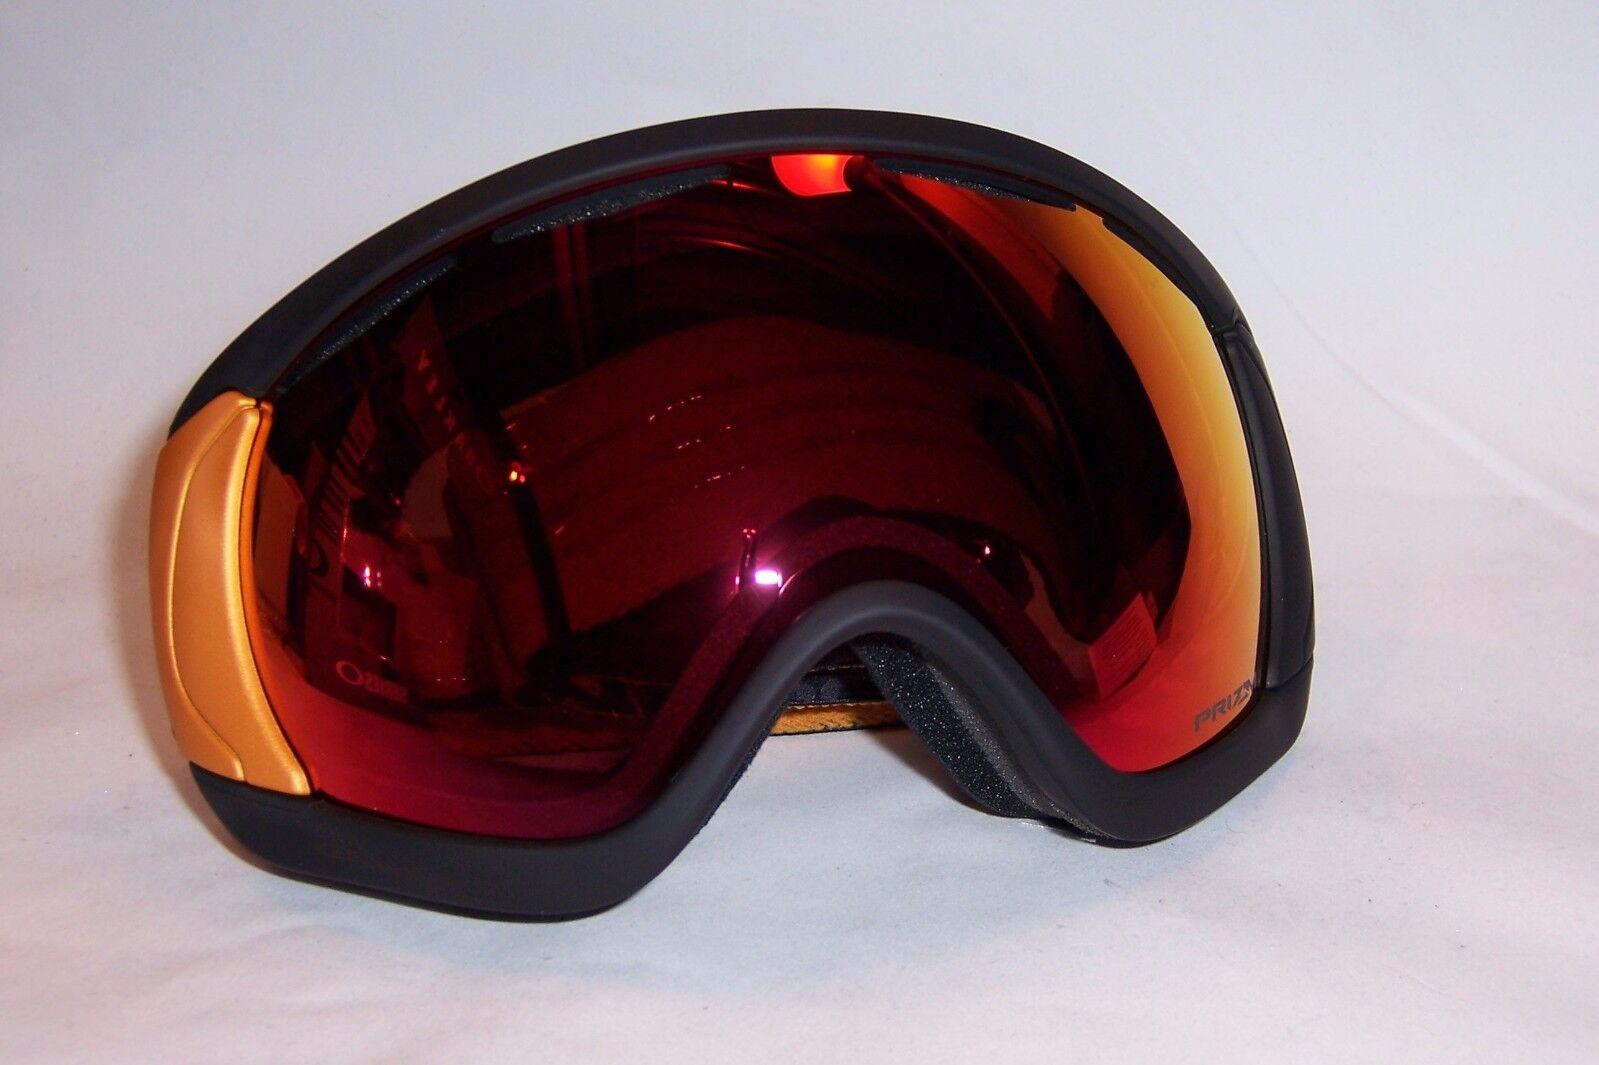 5c715e1fde44 Oakley Snow Goggles Canopy Prizm Oo7047-76 Black torch Aksel Lund ...